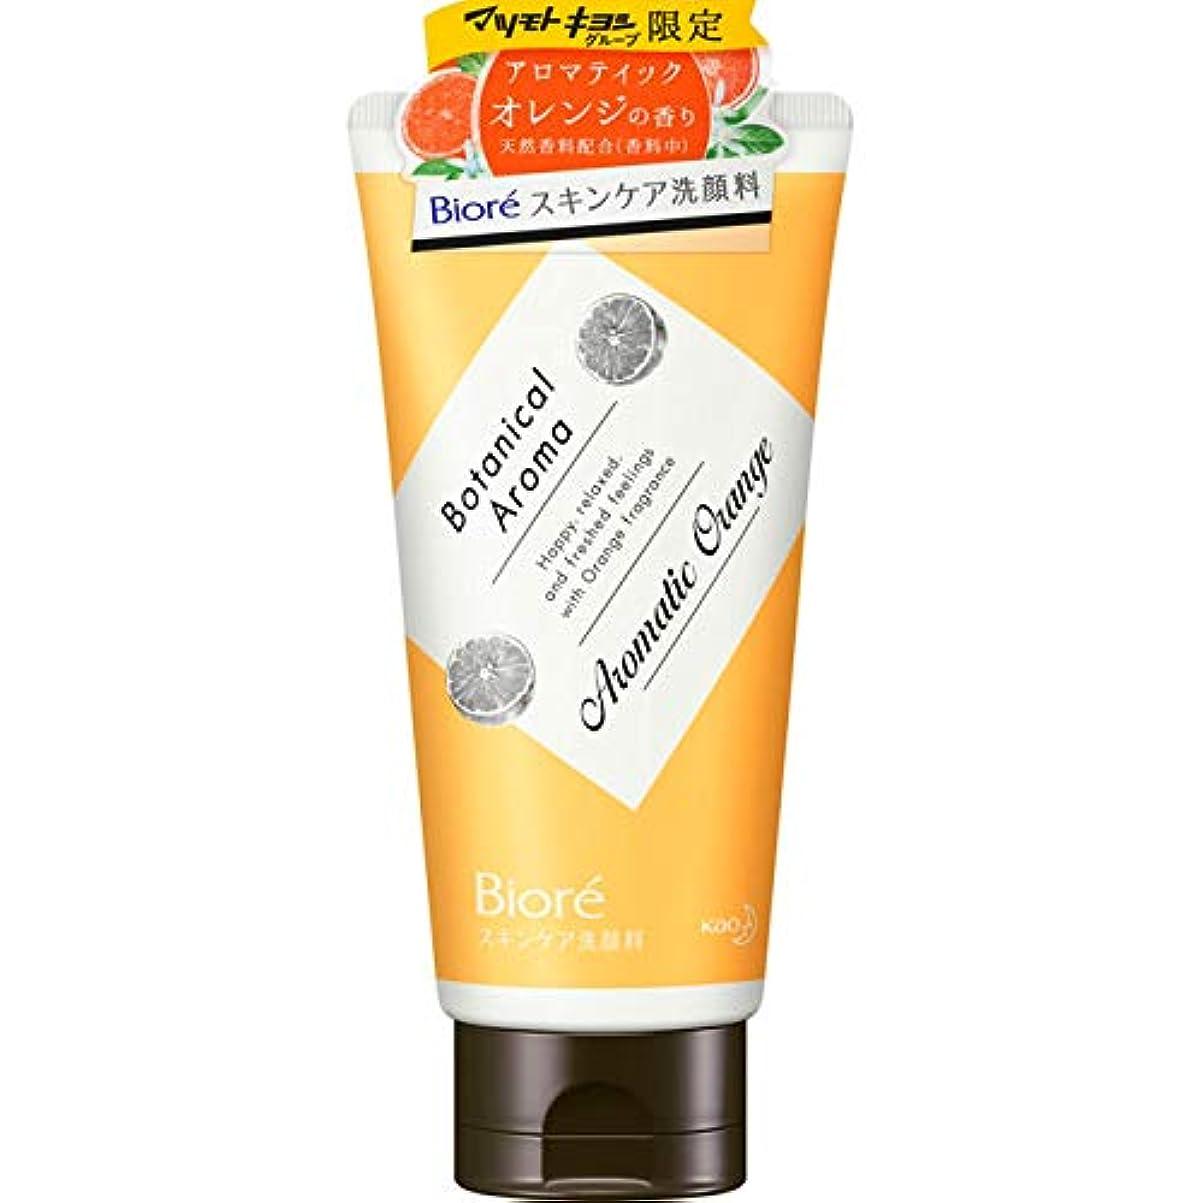 マンハッタン障害かろうじてMK ビオレ スキンケア洗顔料 アロマティックオレンジの香り 130G